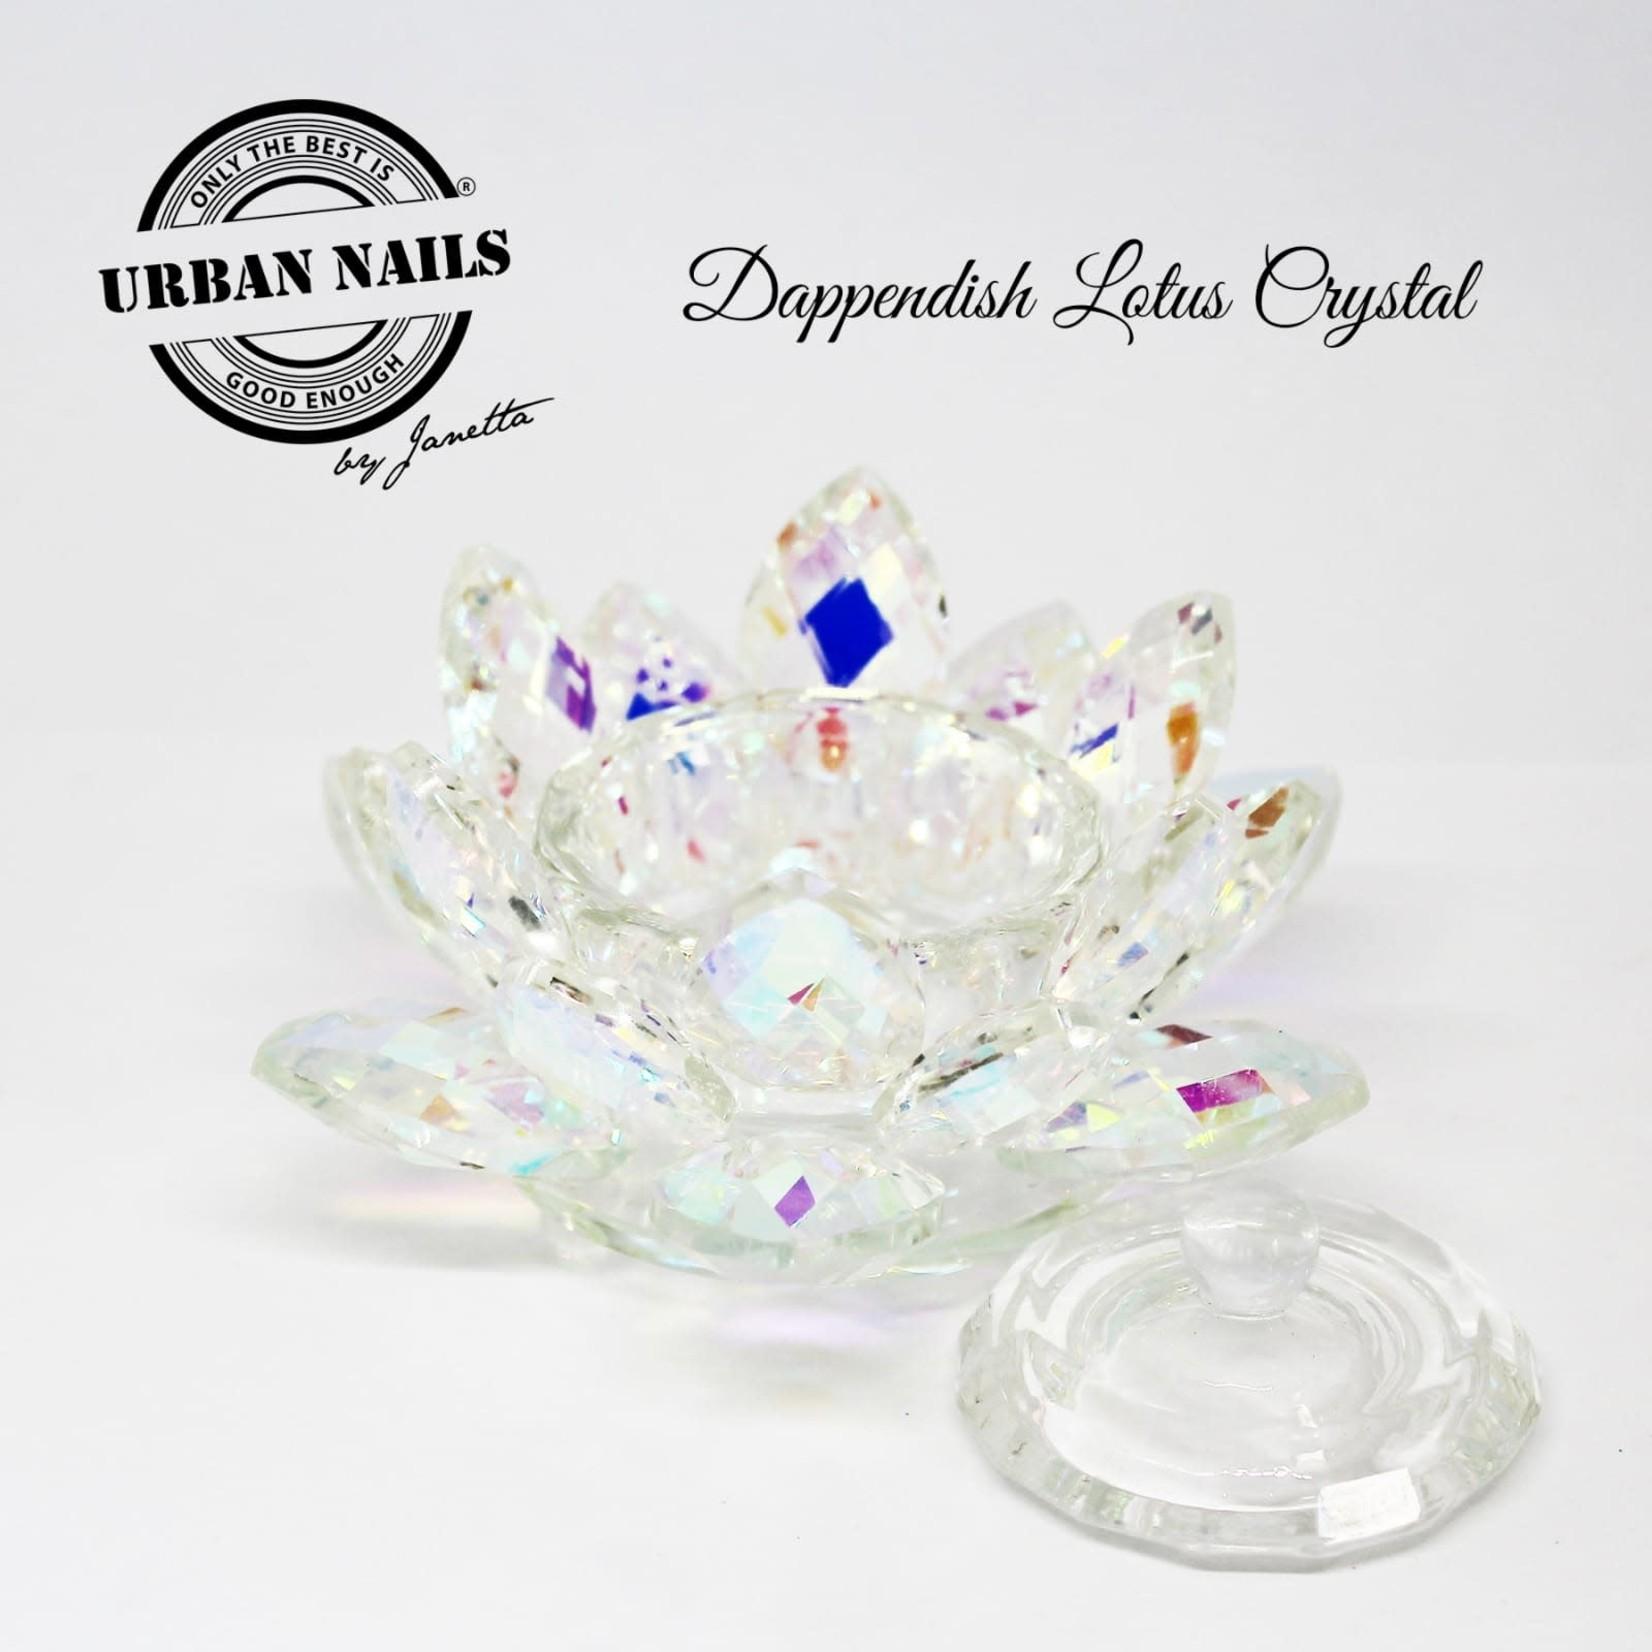 Urban Nails Dappendish Lotus Crystal